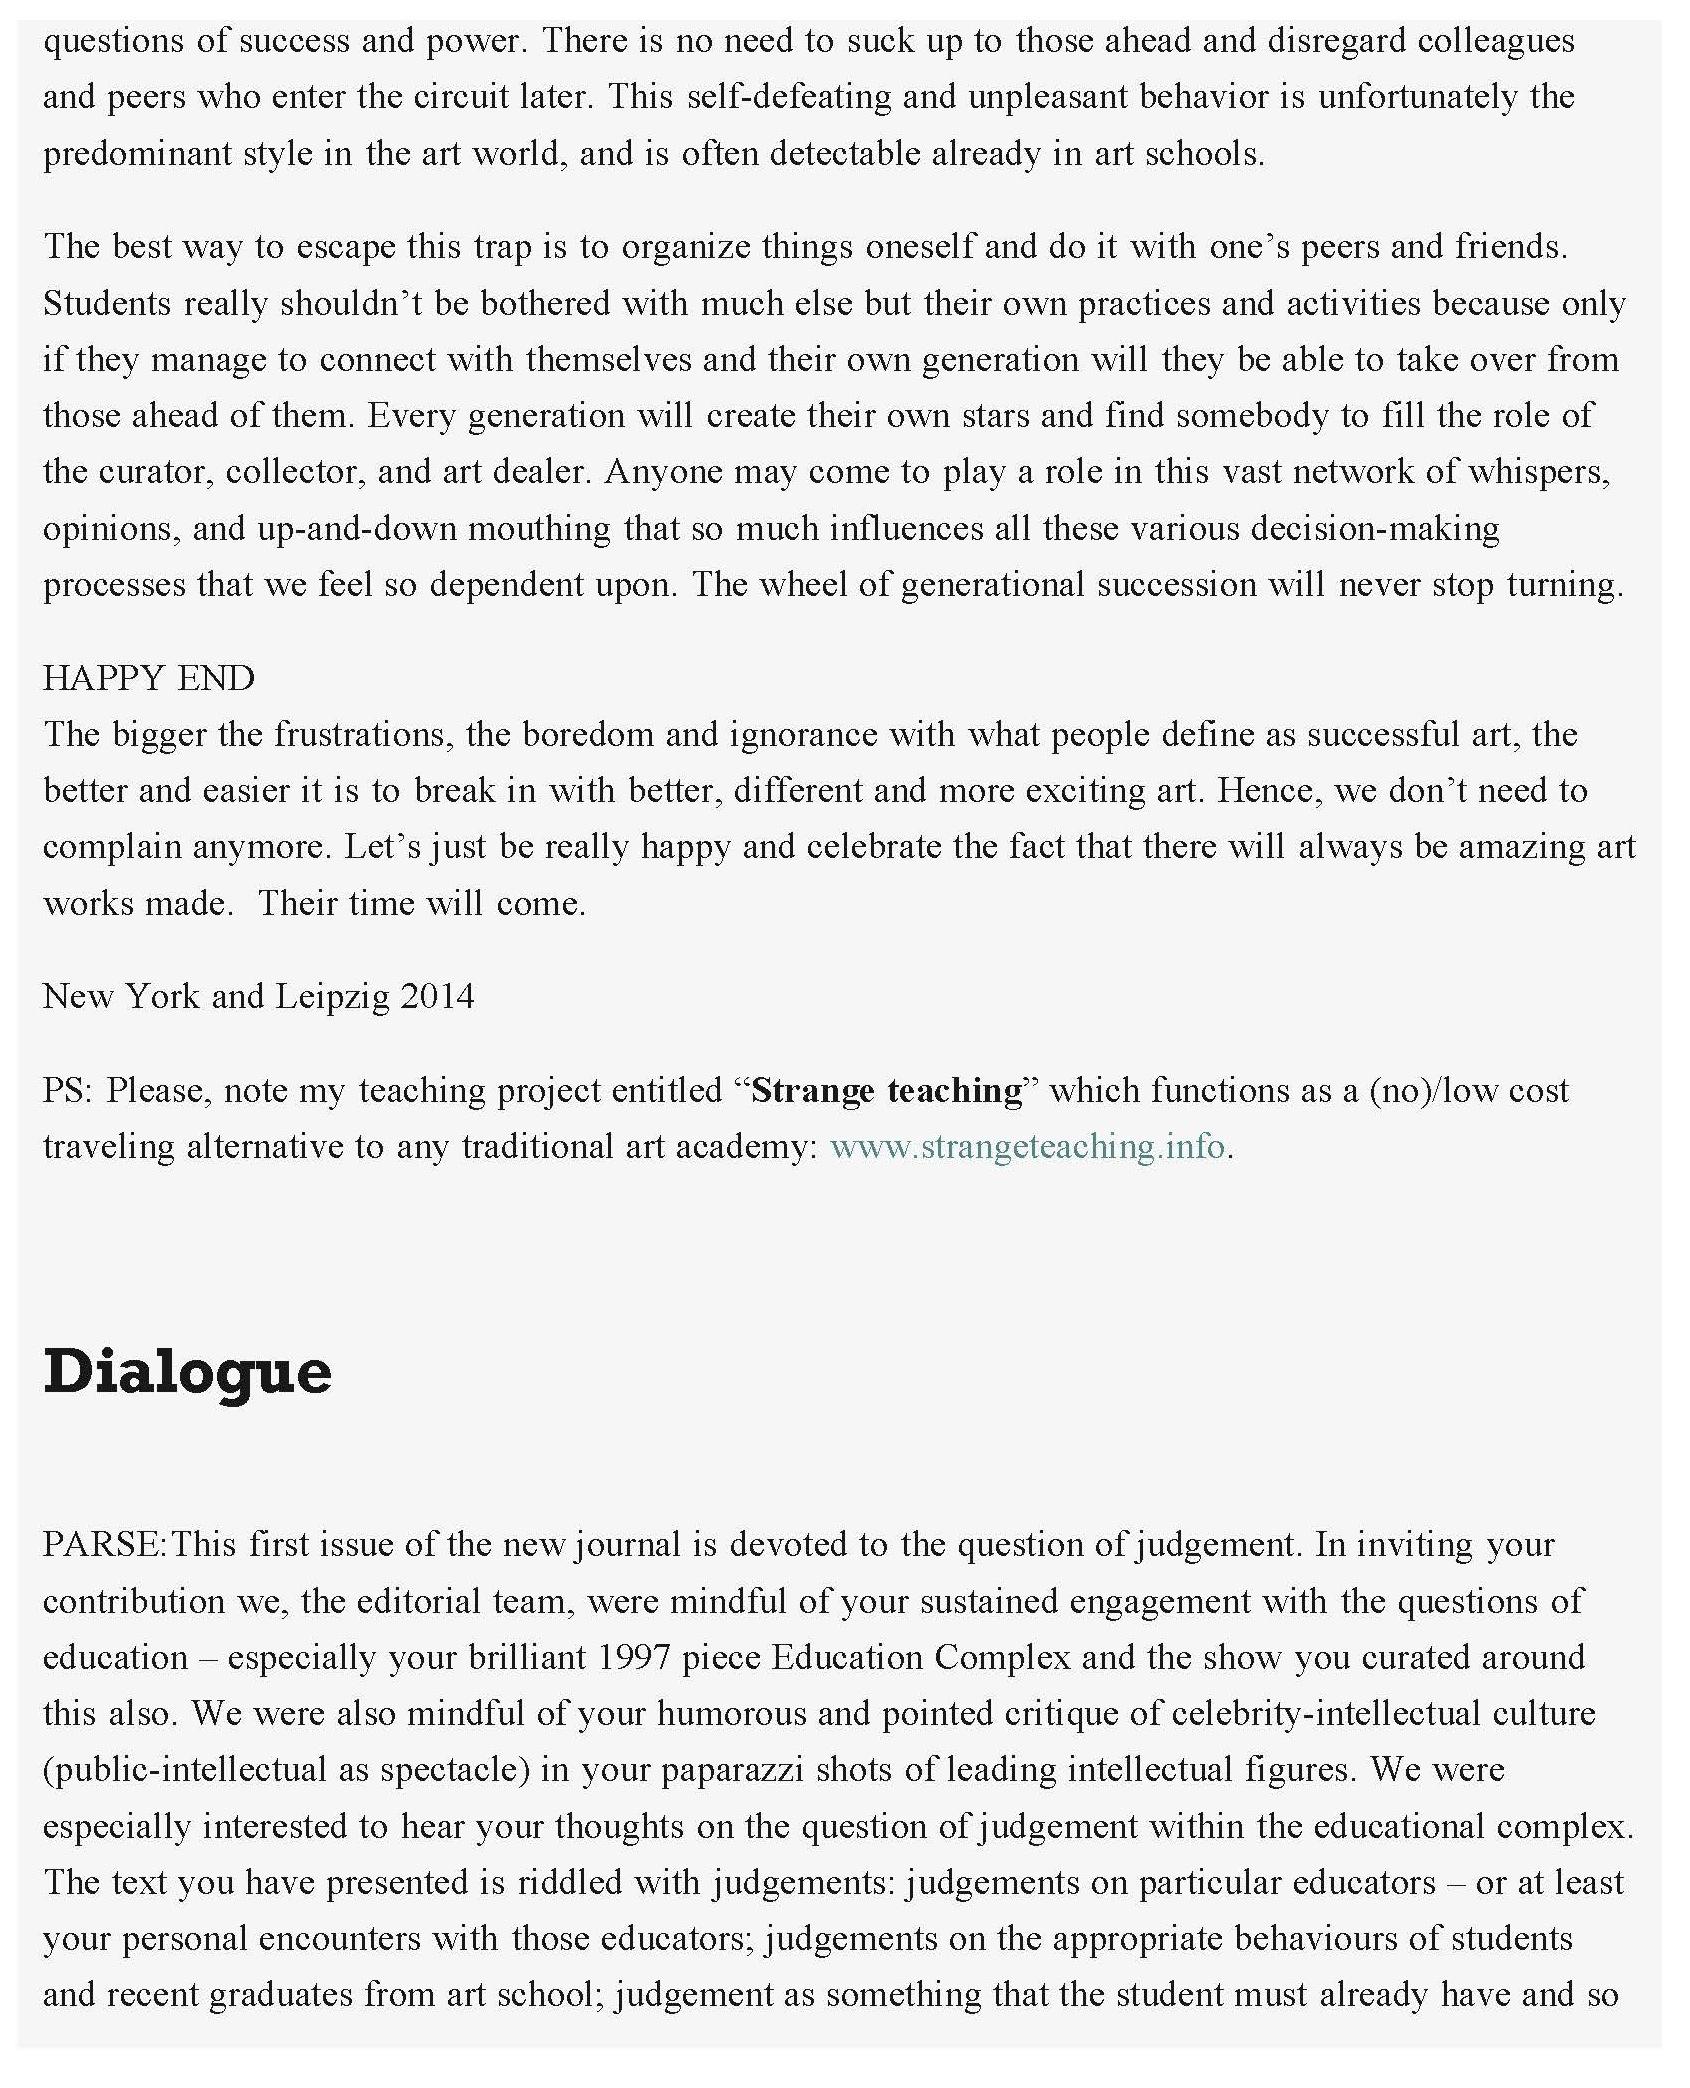 Strange Teaching - Parse_Page_06.jpg